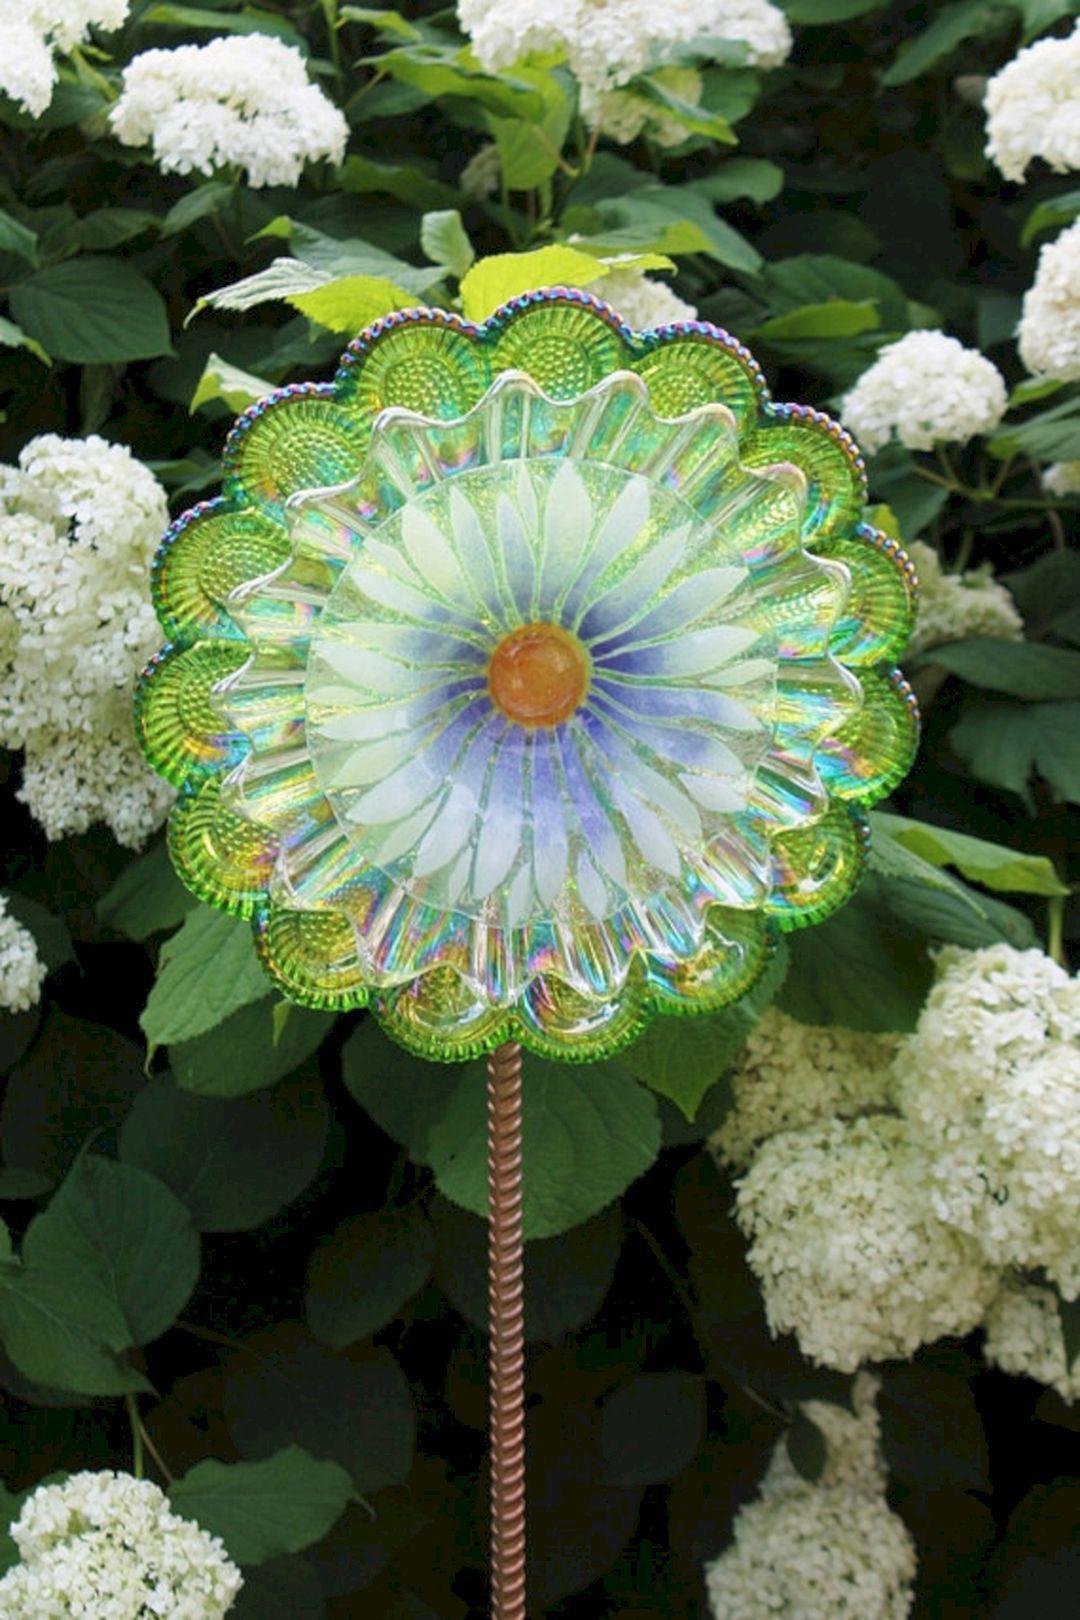 Best 10 Glass Totems Garden Art Ideas For Beautiful Garden With